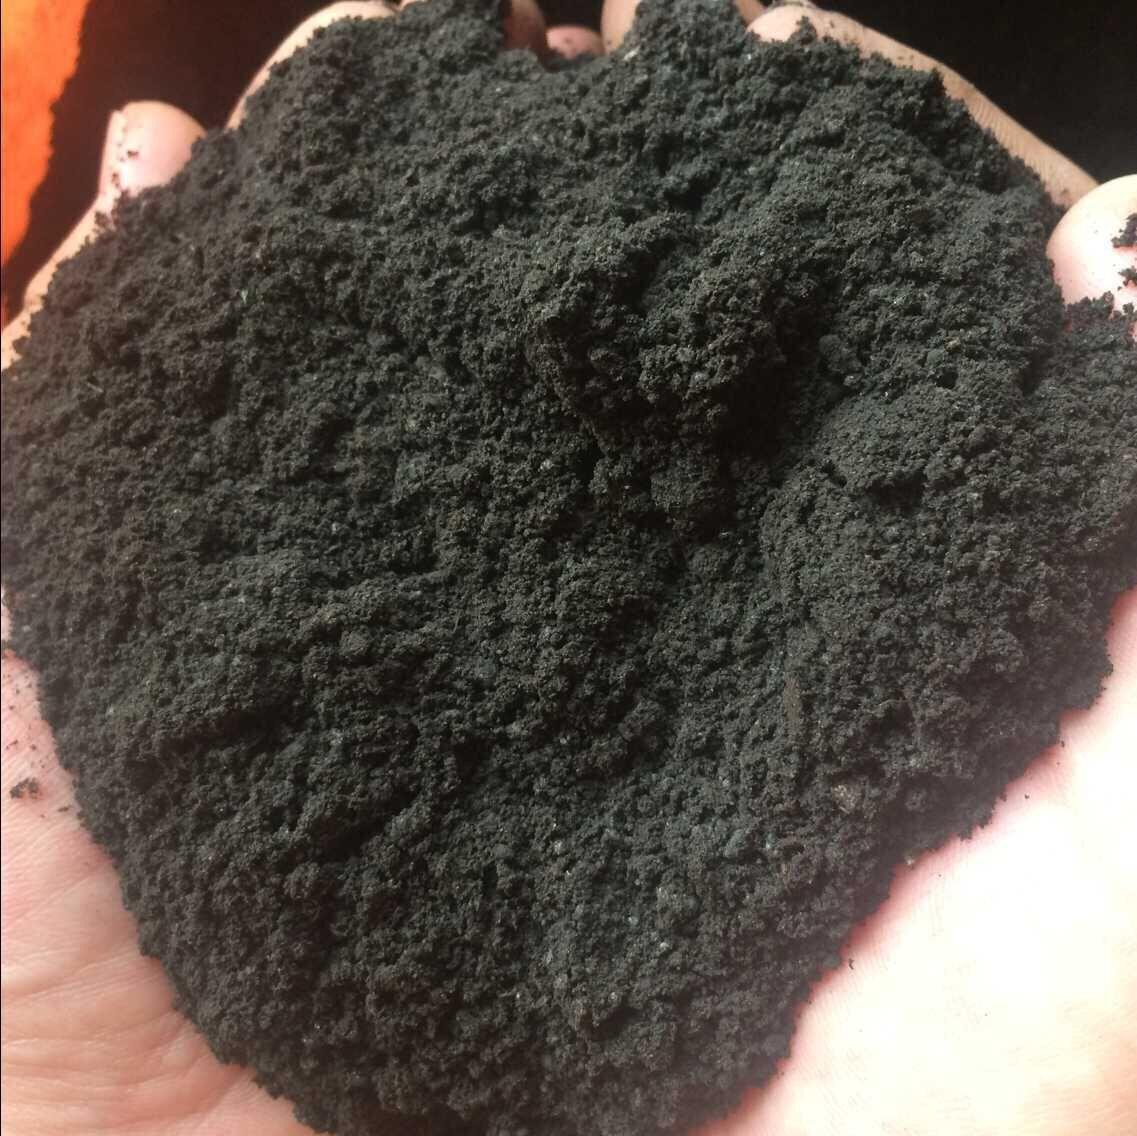 农家肥发酵鸡粪 牛粪 羊粪有机肥 除臭杀虫改善土壤板结 增加营养